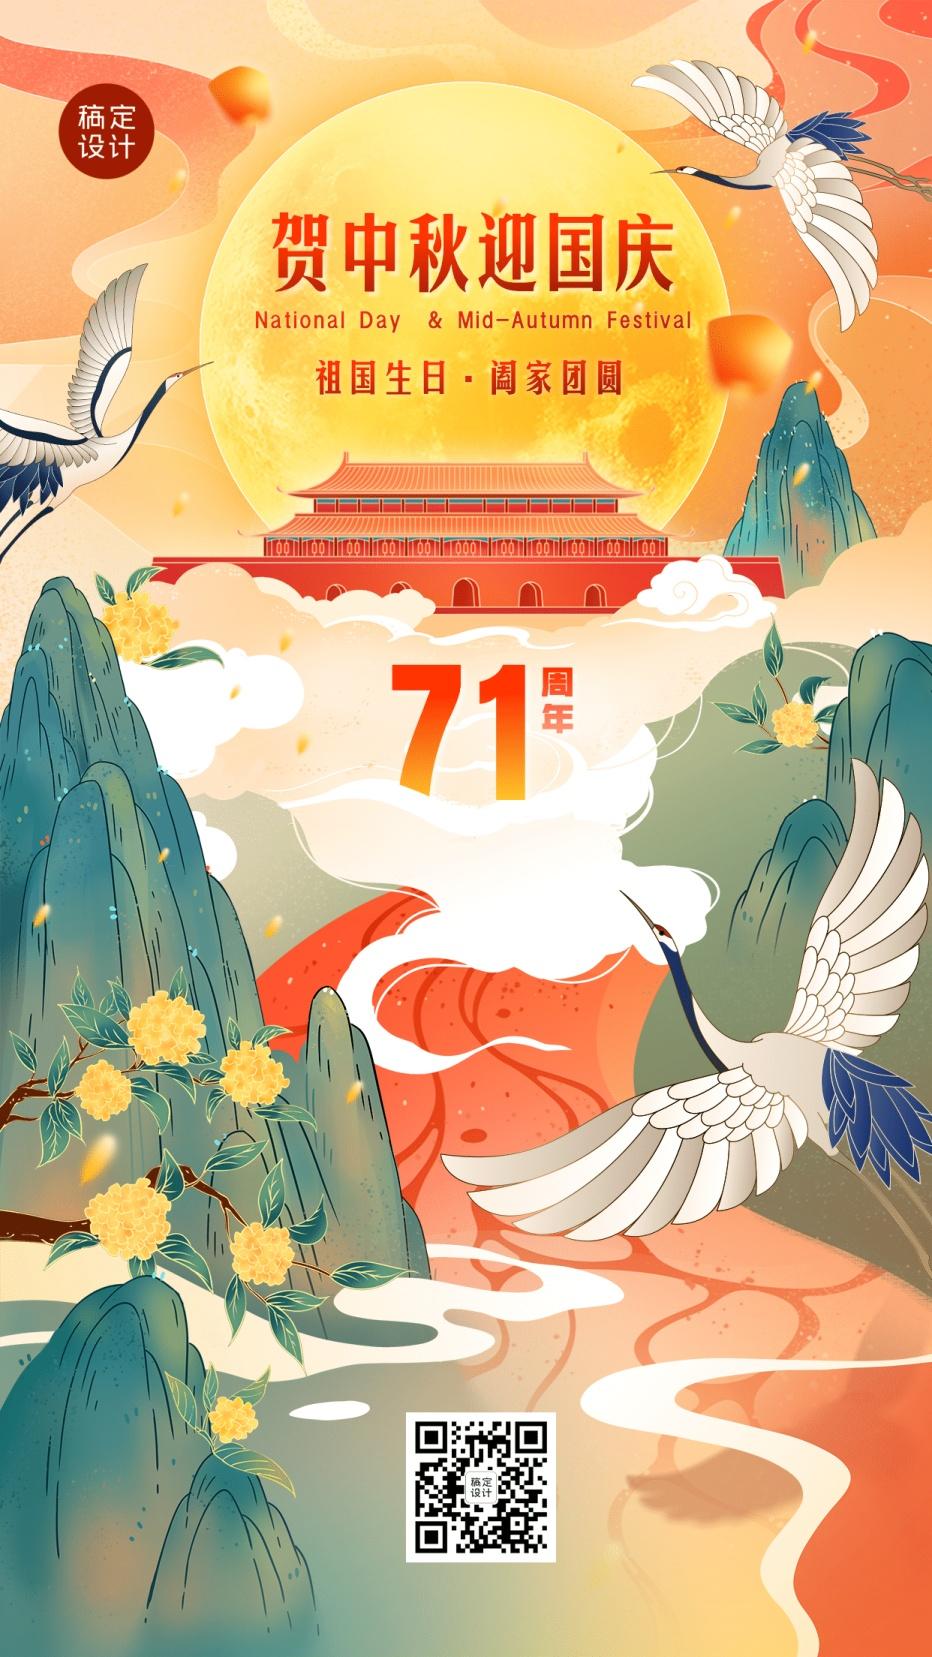 中秋国庆双节祝福手机海报